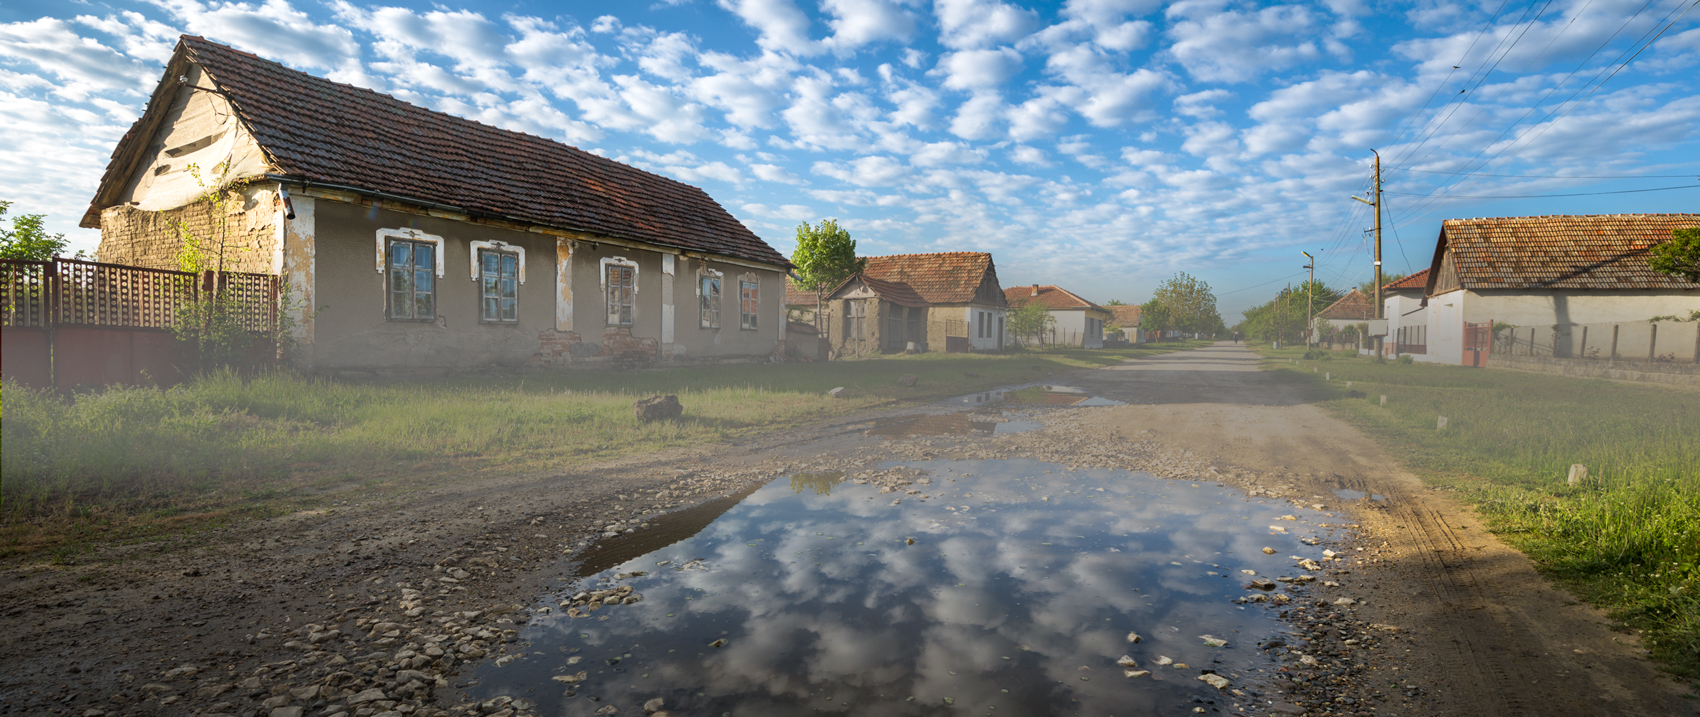 Чешкото село в България. Село Войводово.